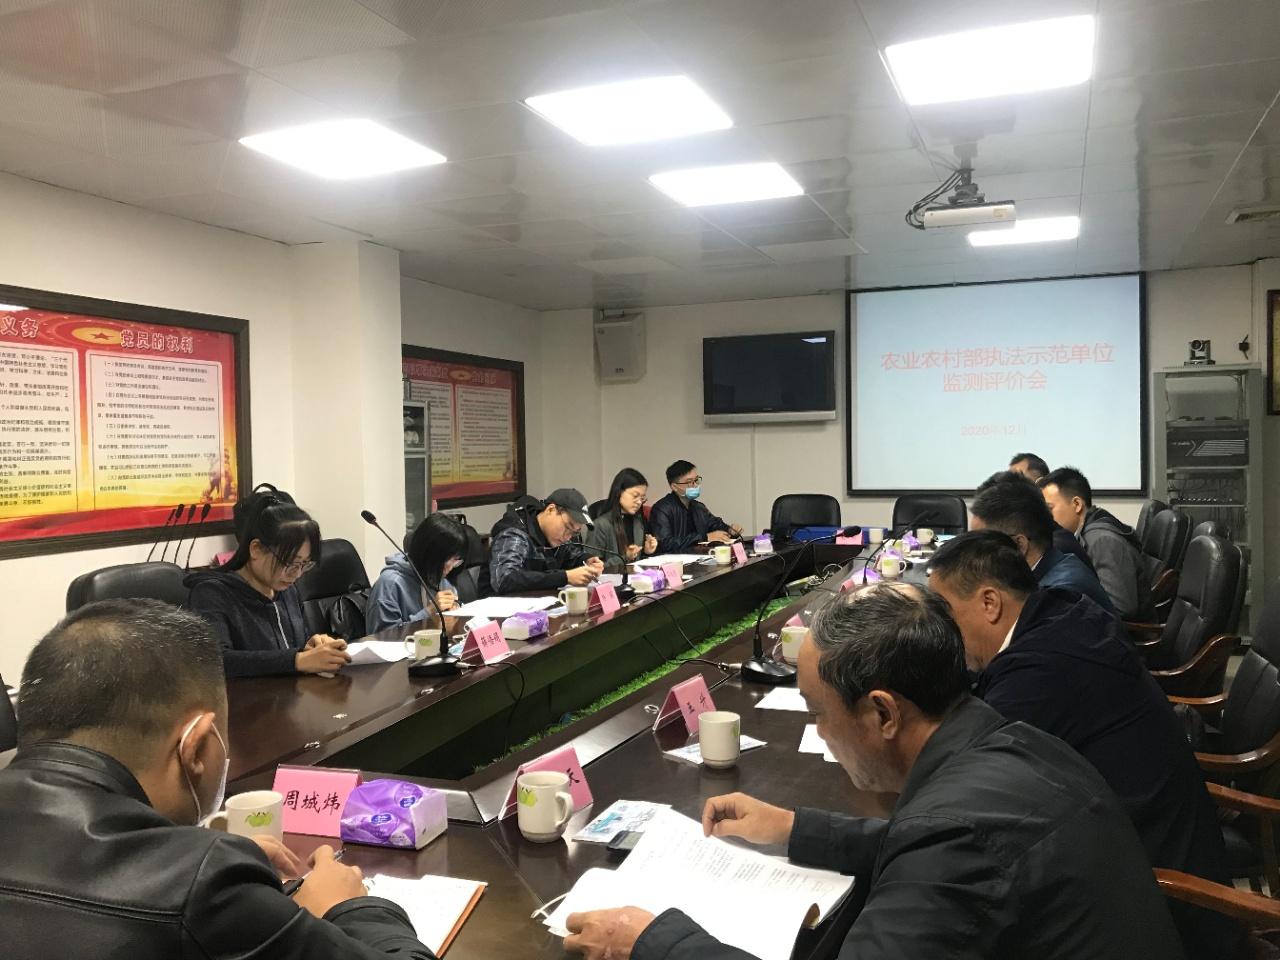 农业农村部对湛江市农业综合行政执法示范单位进行监测评价